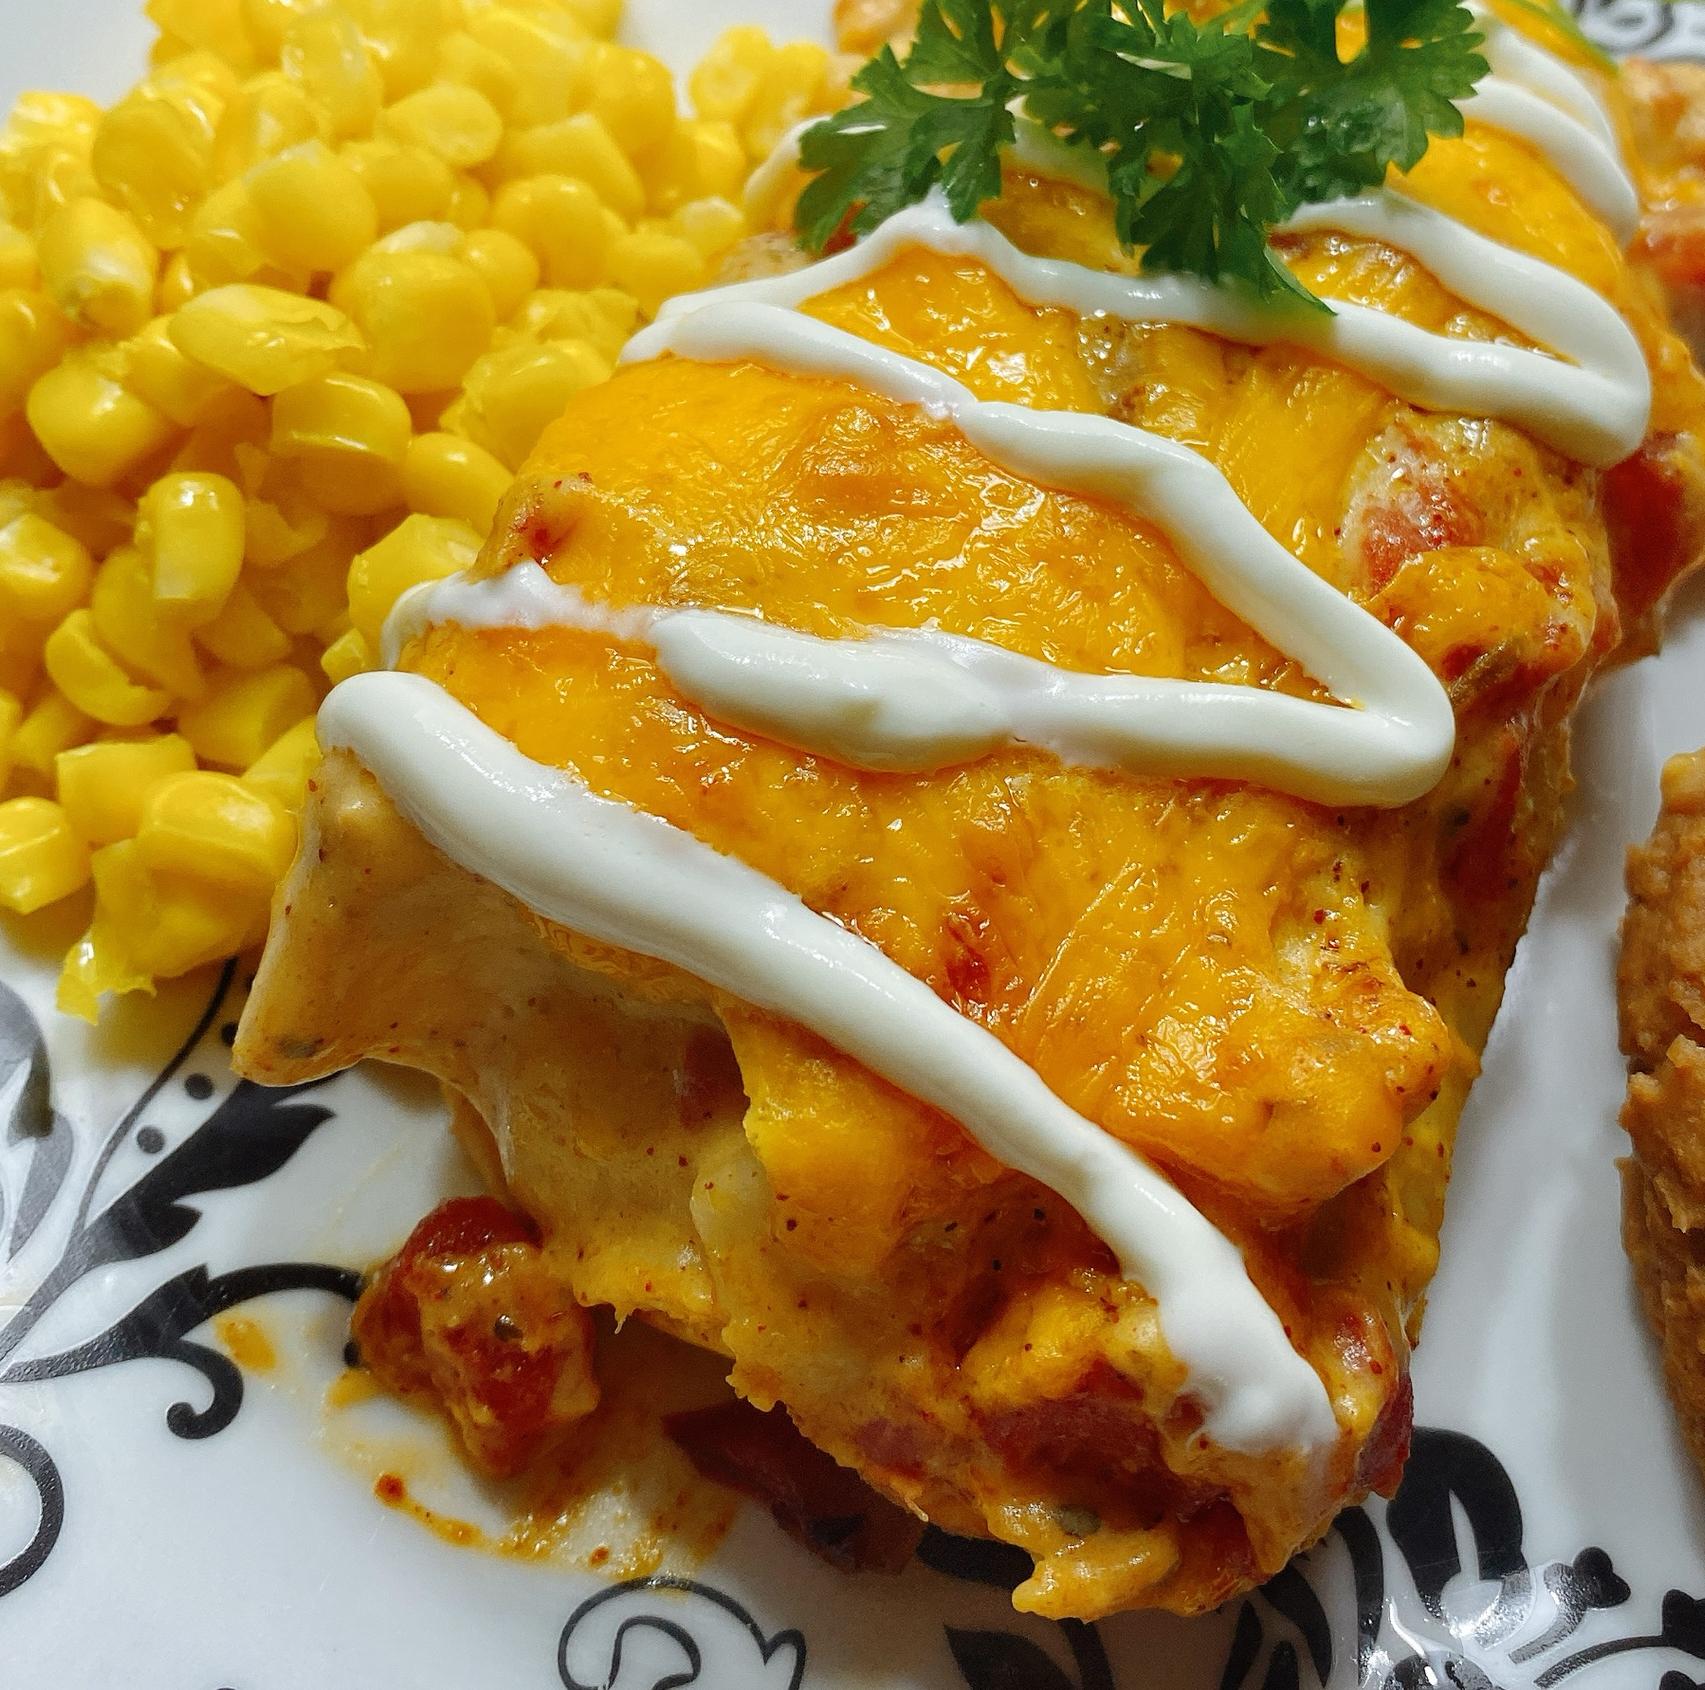 Creamy Chicken Enchiladas with White Sauce